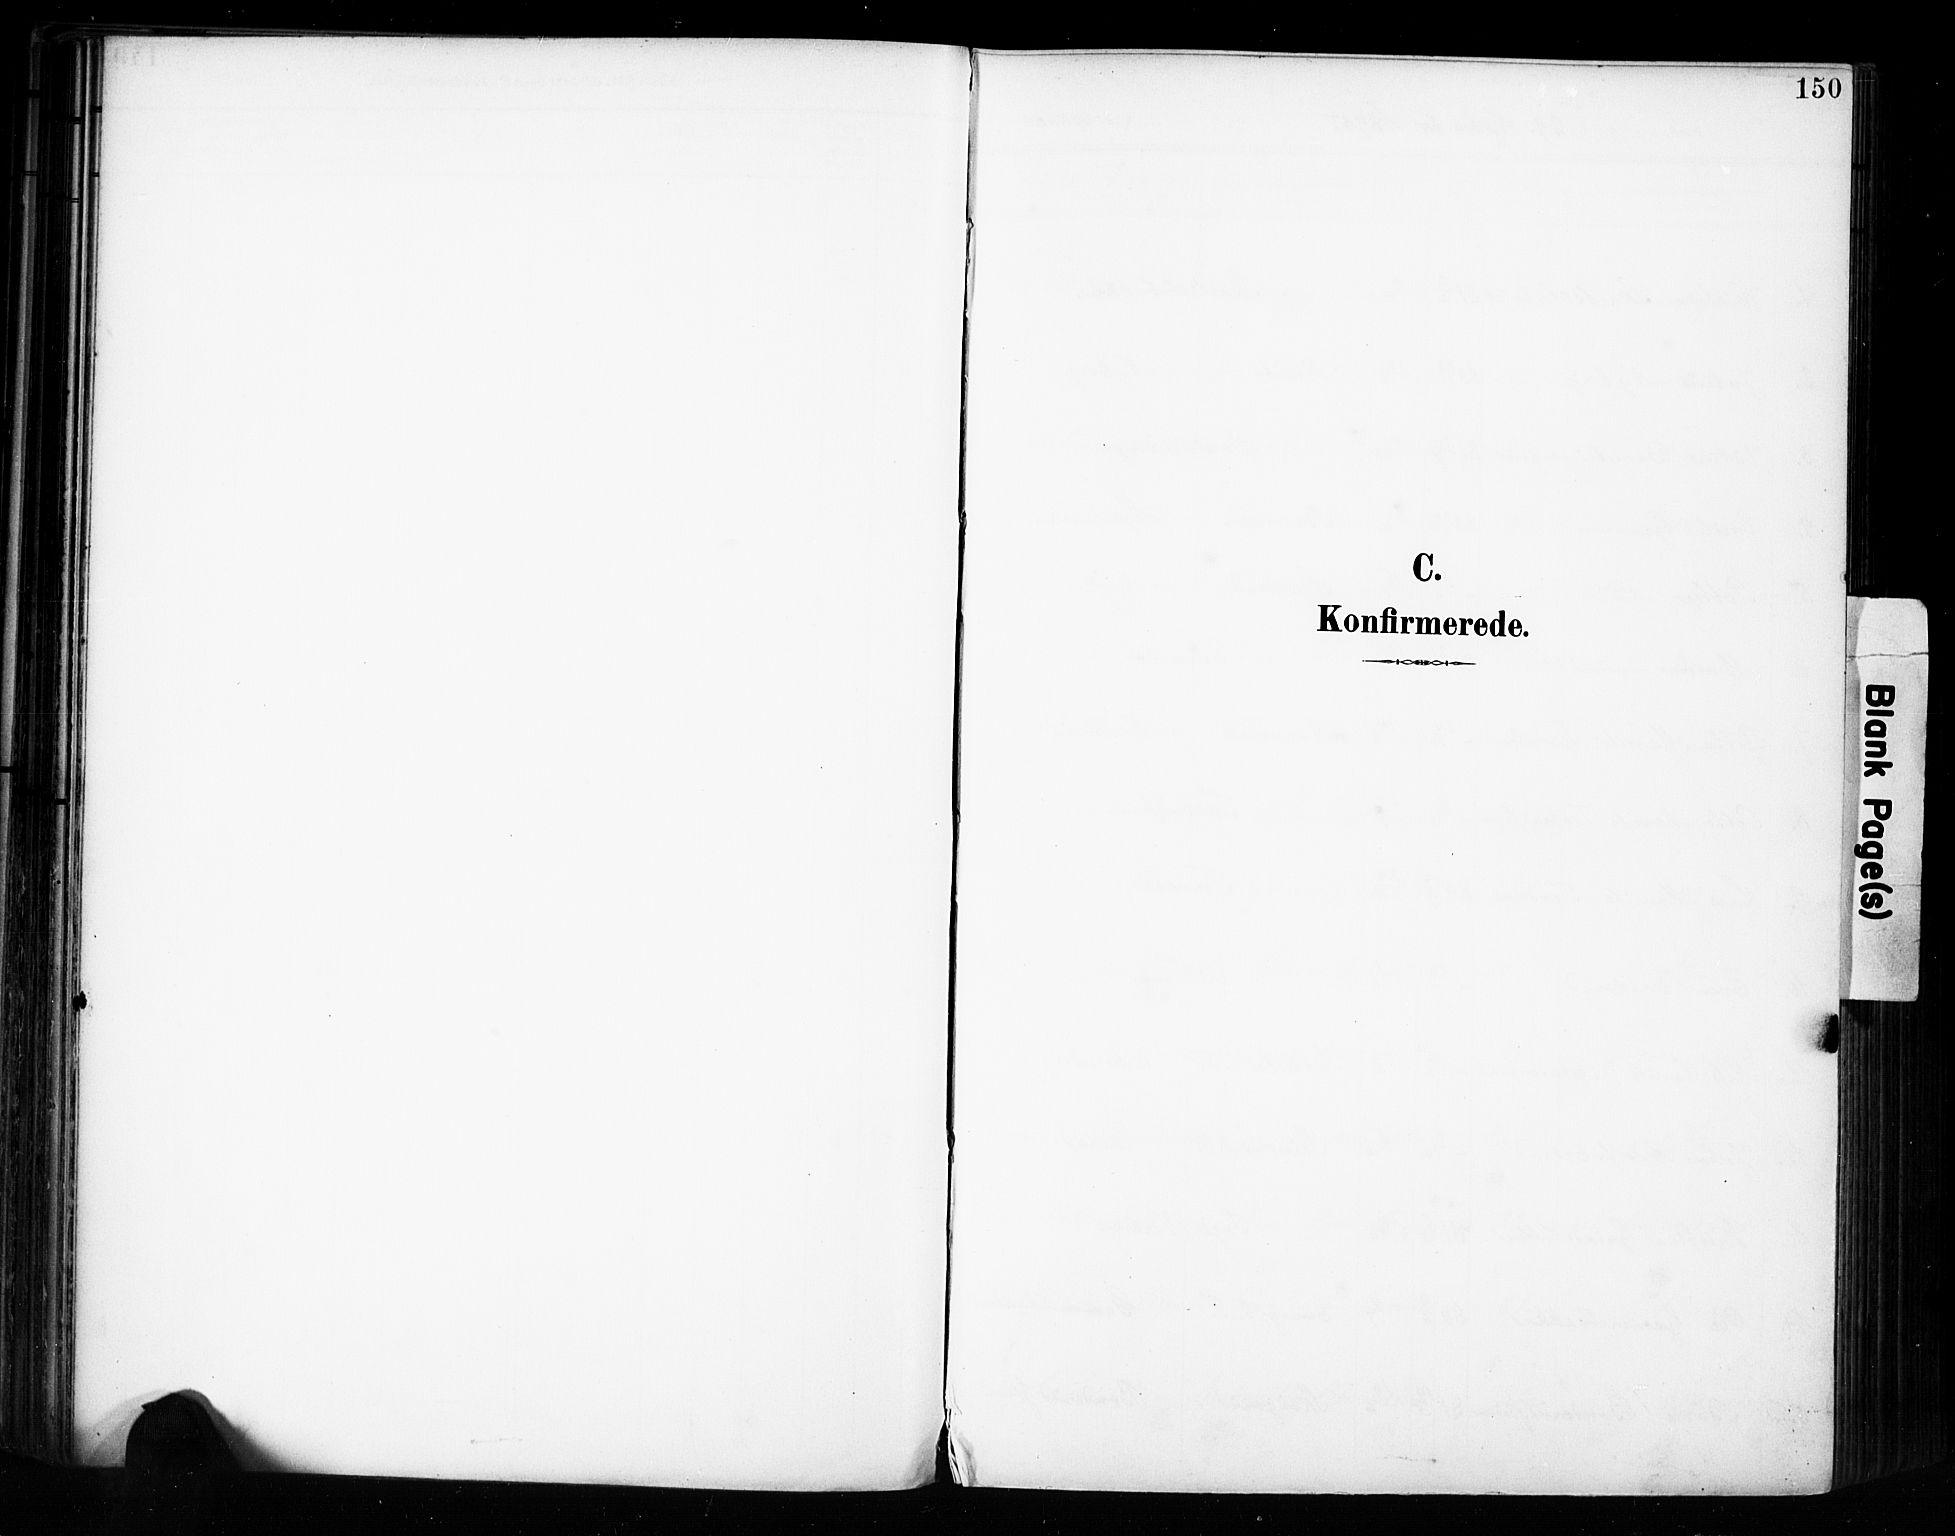 SAH, Vestre Toten prestekontor, Ministerialbok nr. 11, 1895-1906, s. 150